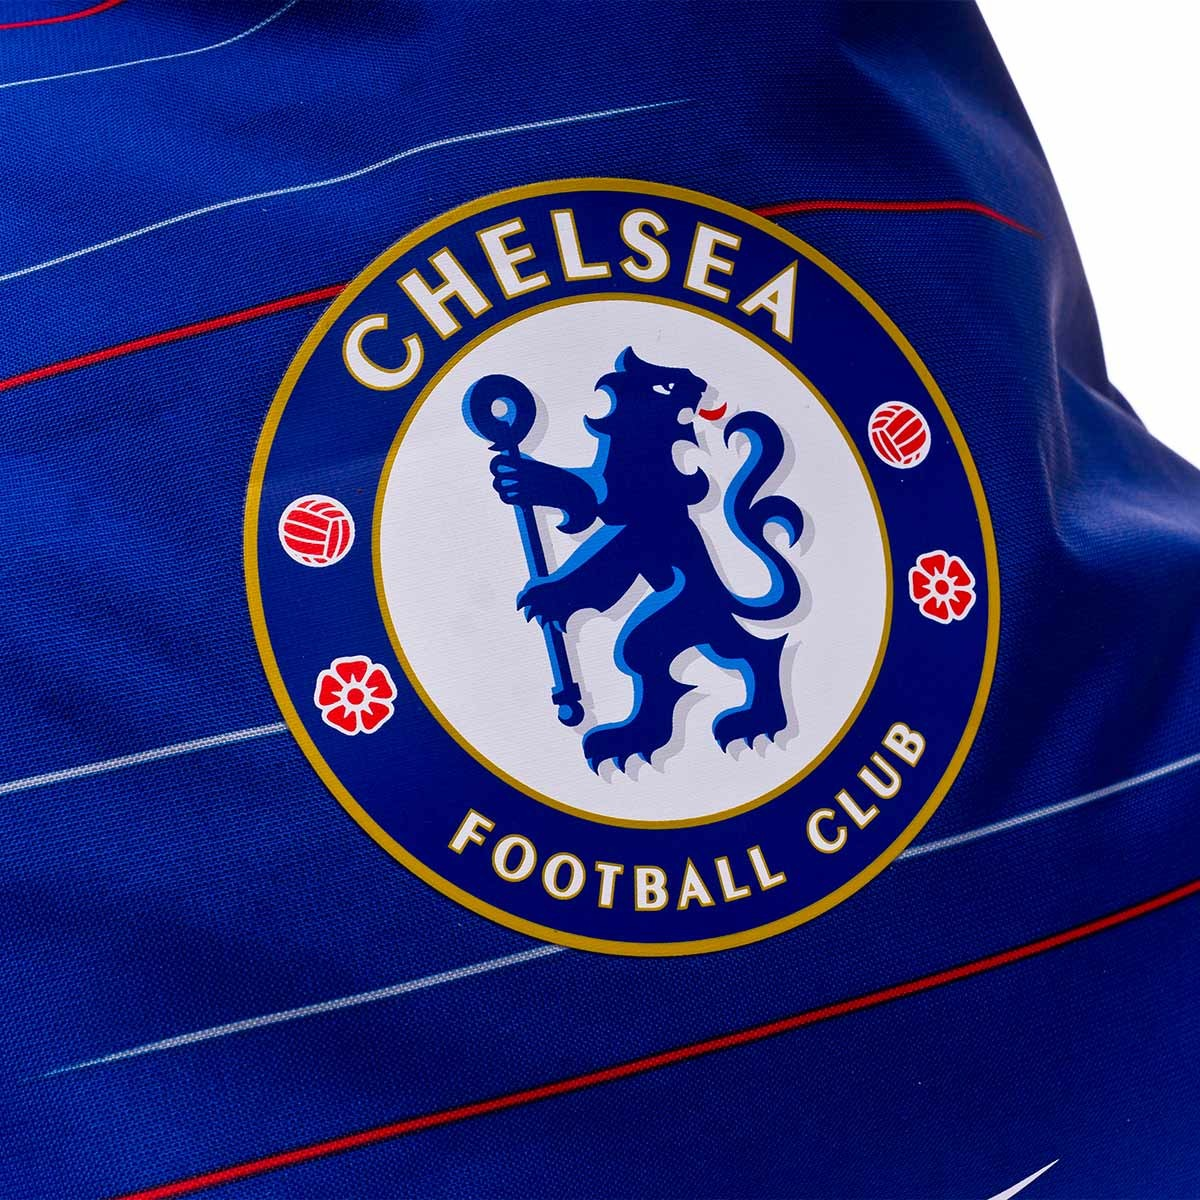 Mochila Chelsea Fc Stadium Football Gymsack Rush Blue White